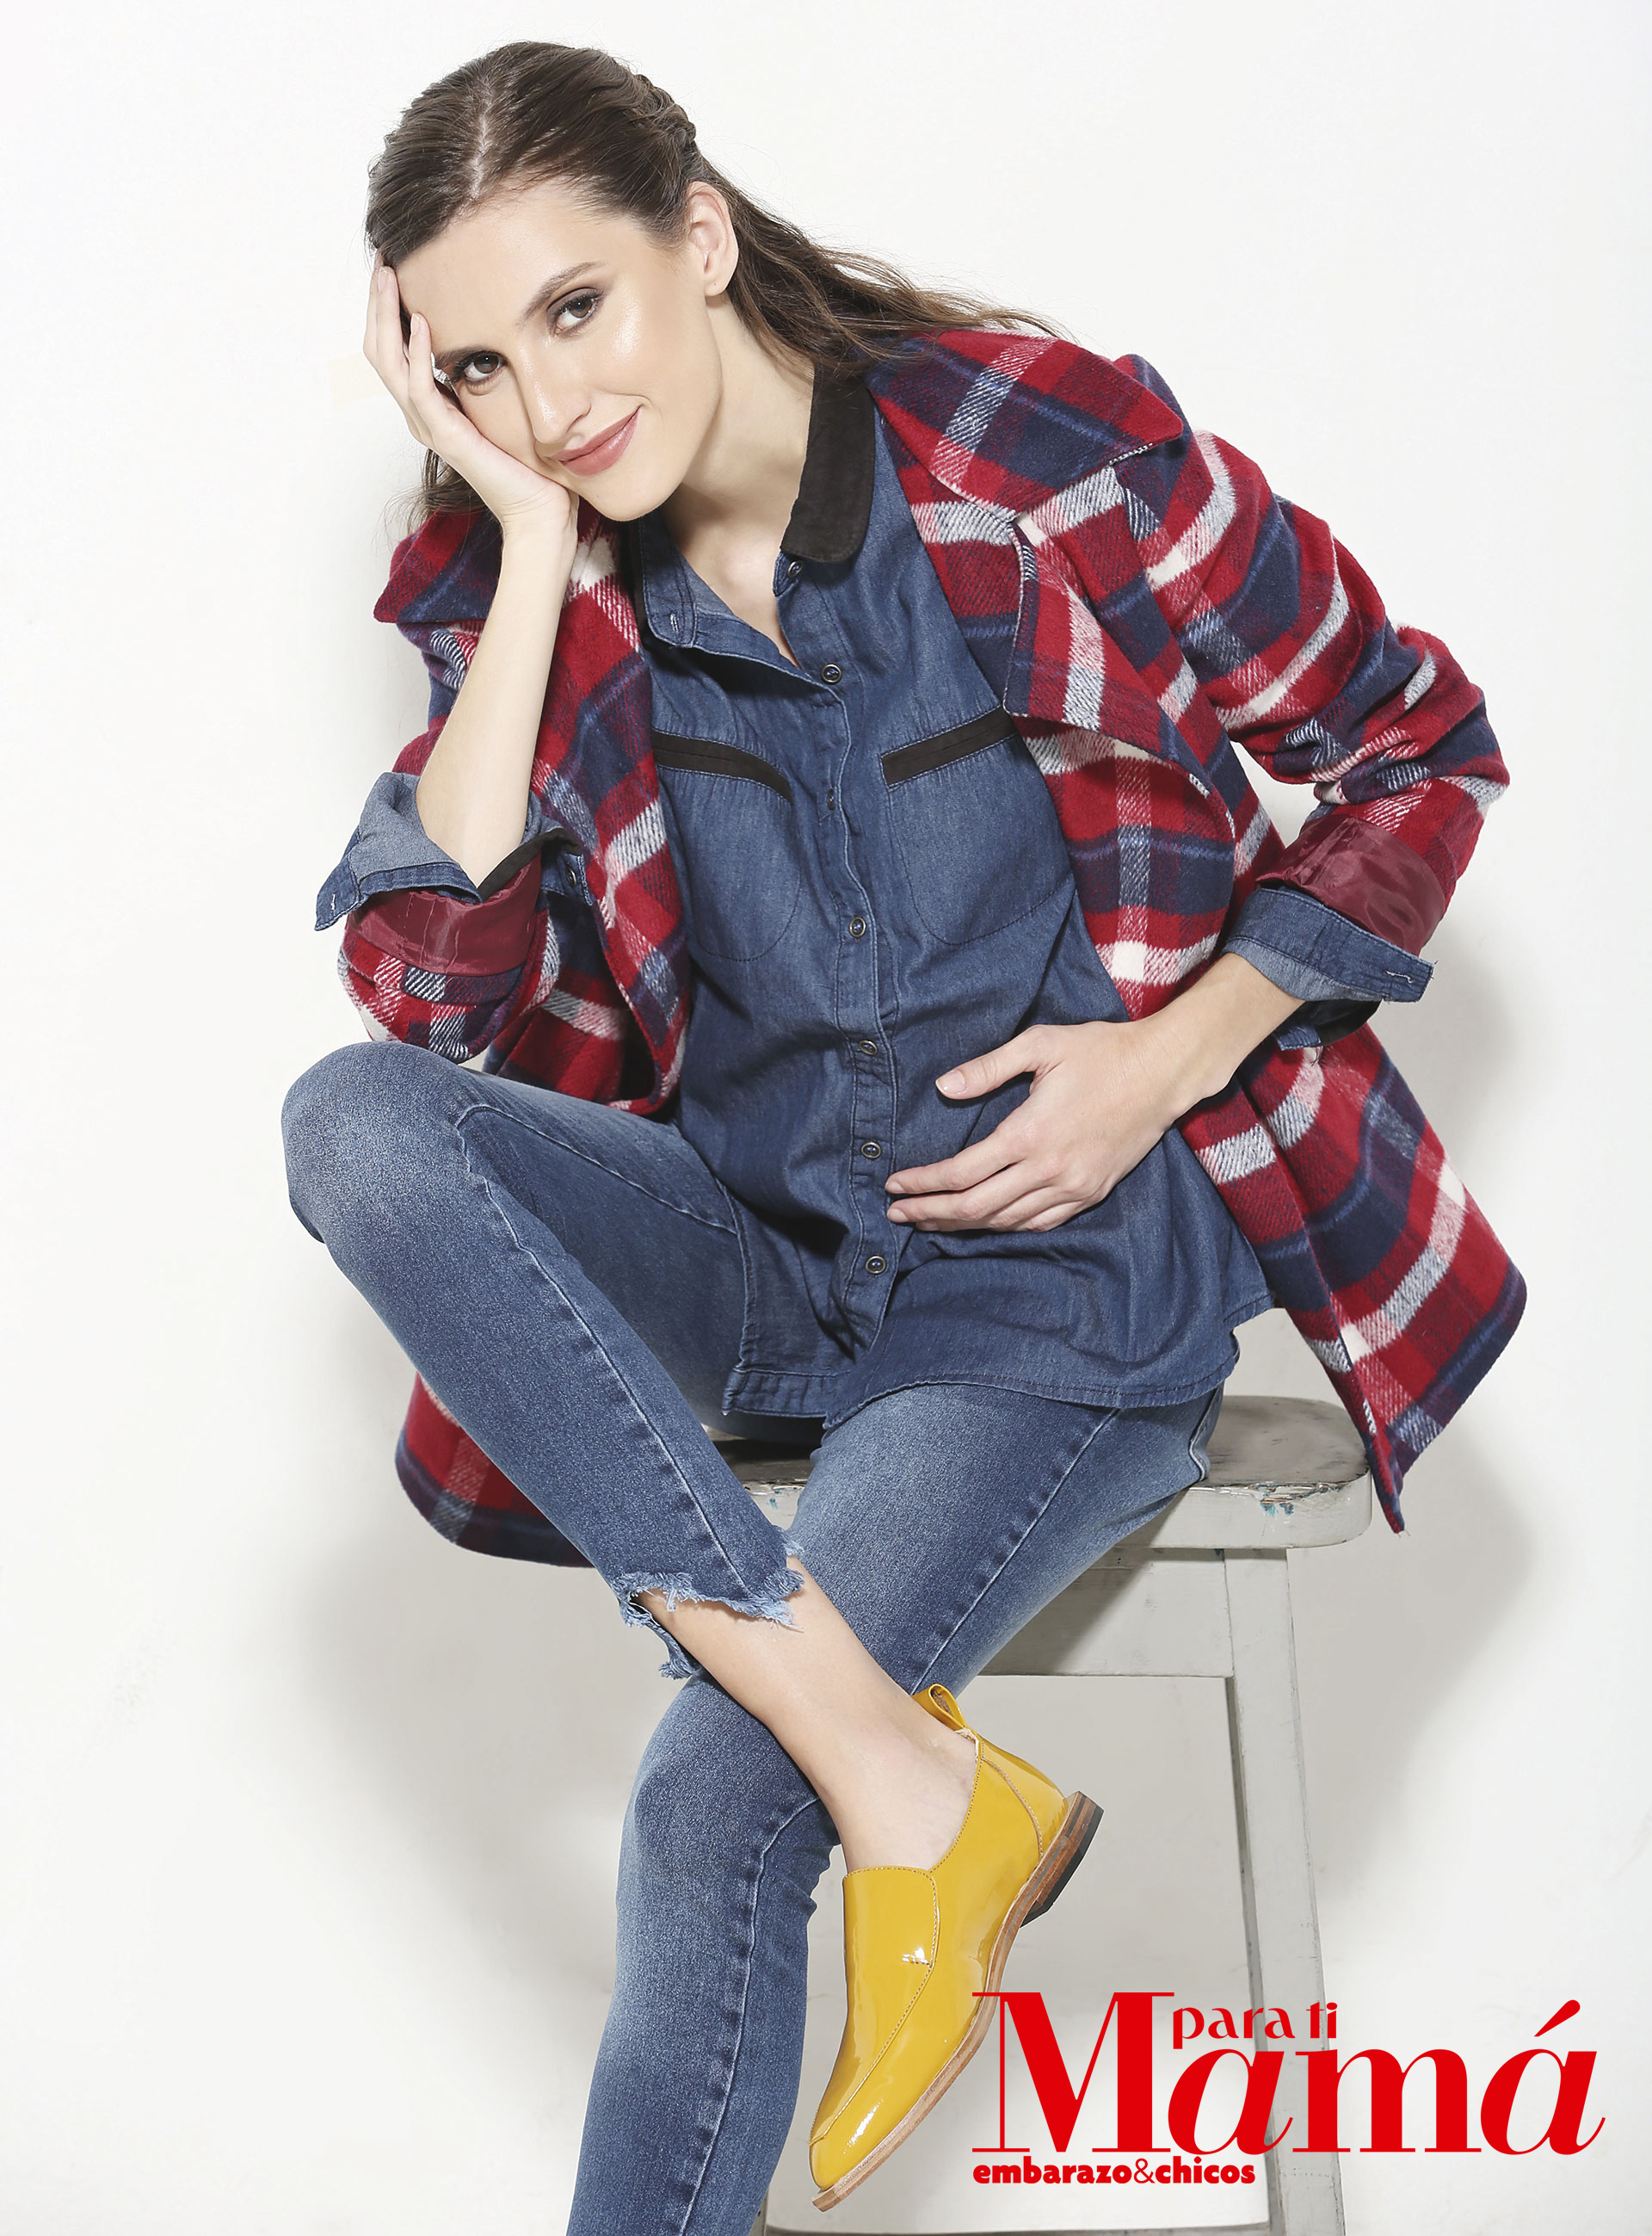 Tapado cortoescocés ($2.599),Inversa; camisa,jean ($960 y $1.850),Maa Maternity ymocasines de charol($3.500), ReginaMargherita.